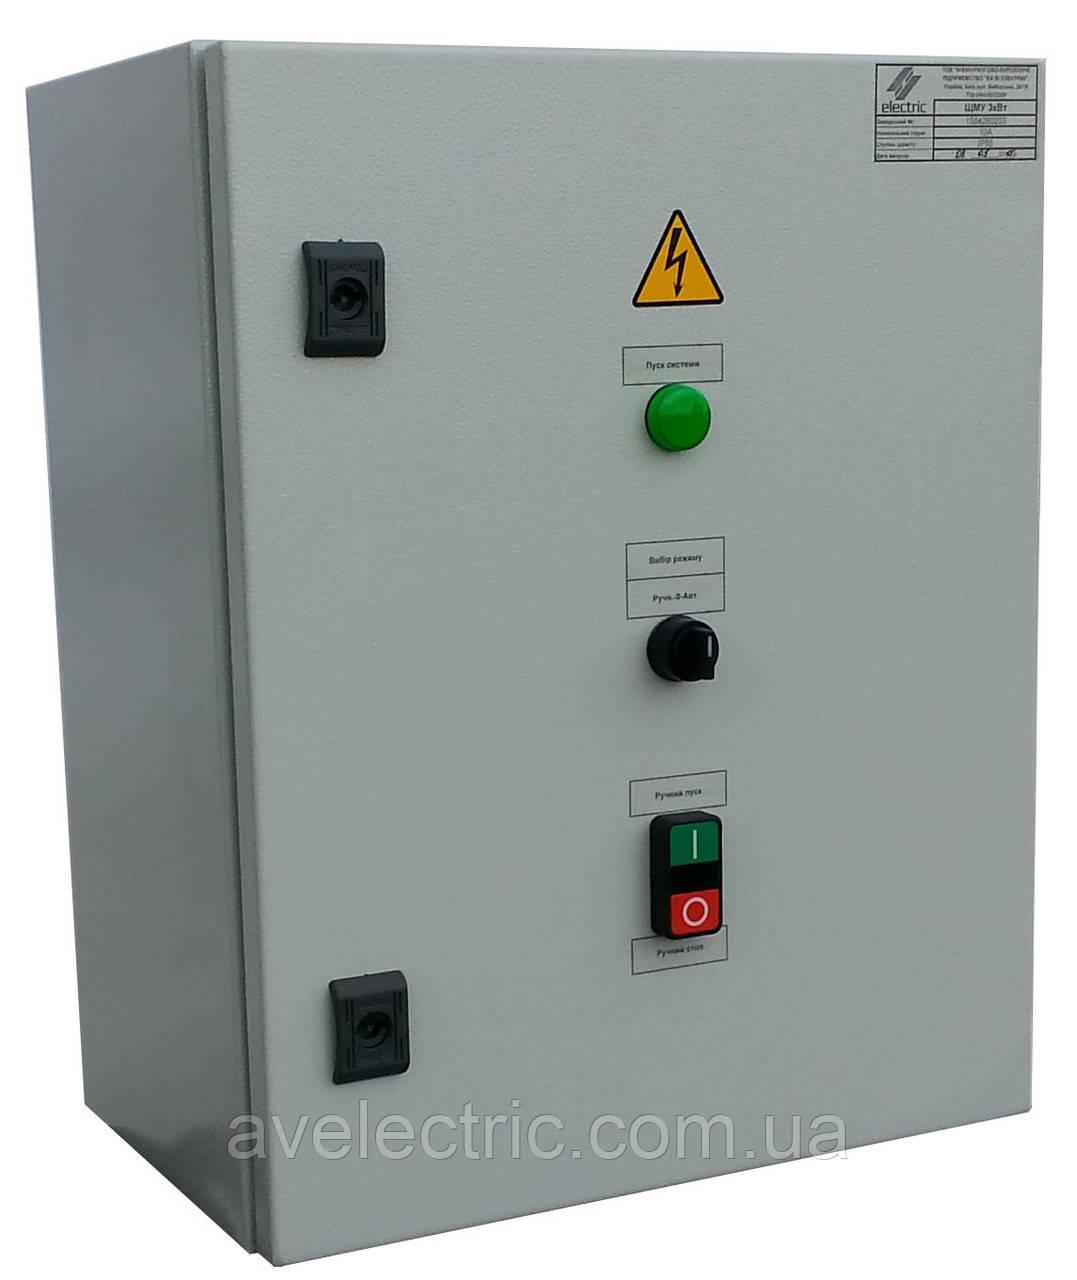 Ящик управления электродвигателем Я5111-2974-54У3